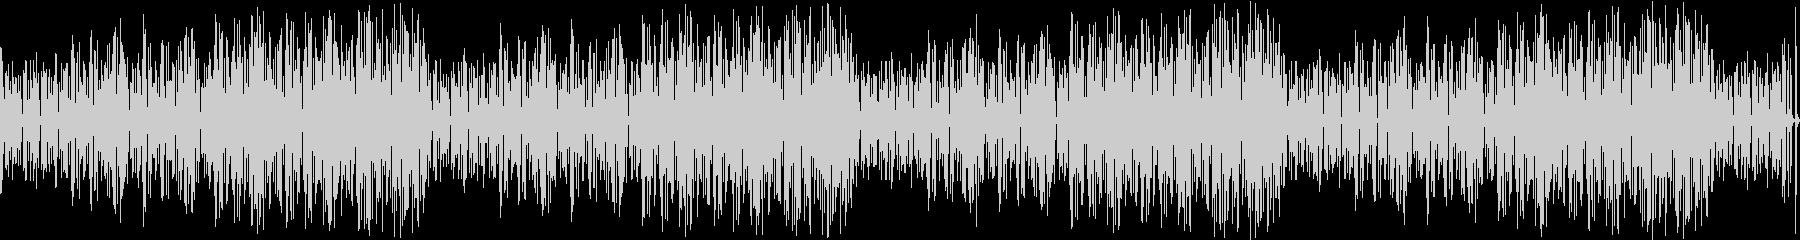 マリンバのコミカルでかわいいBGMの未再生の波形